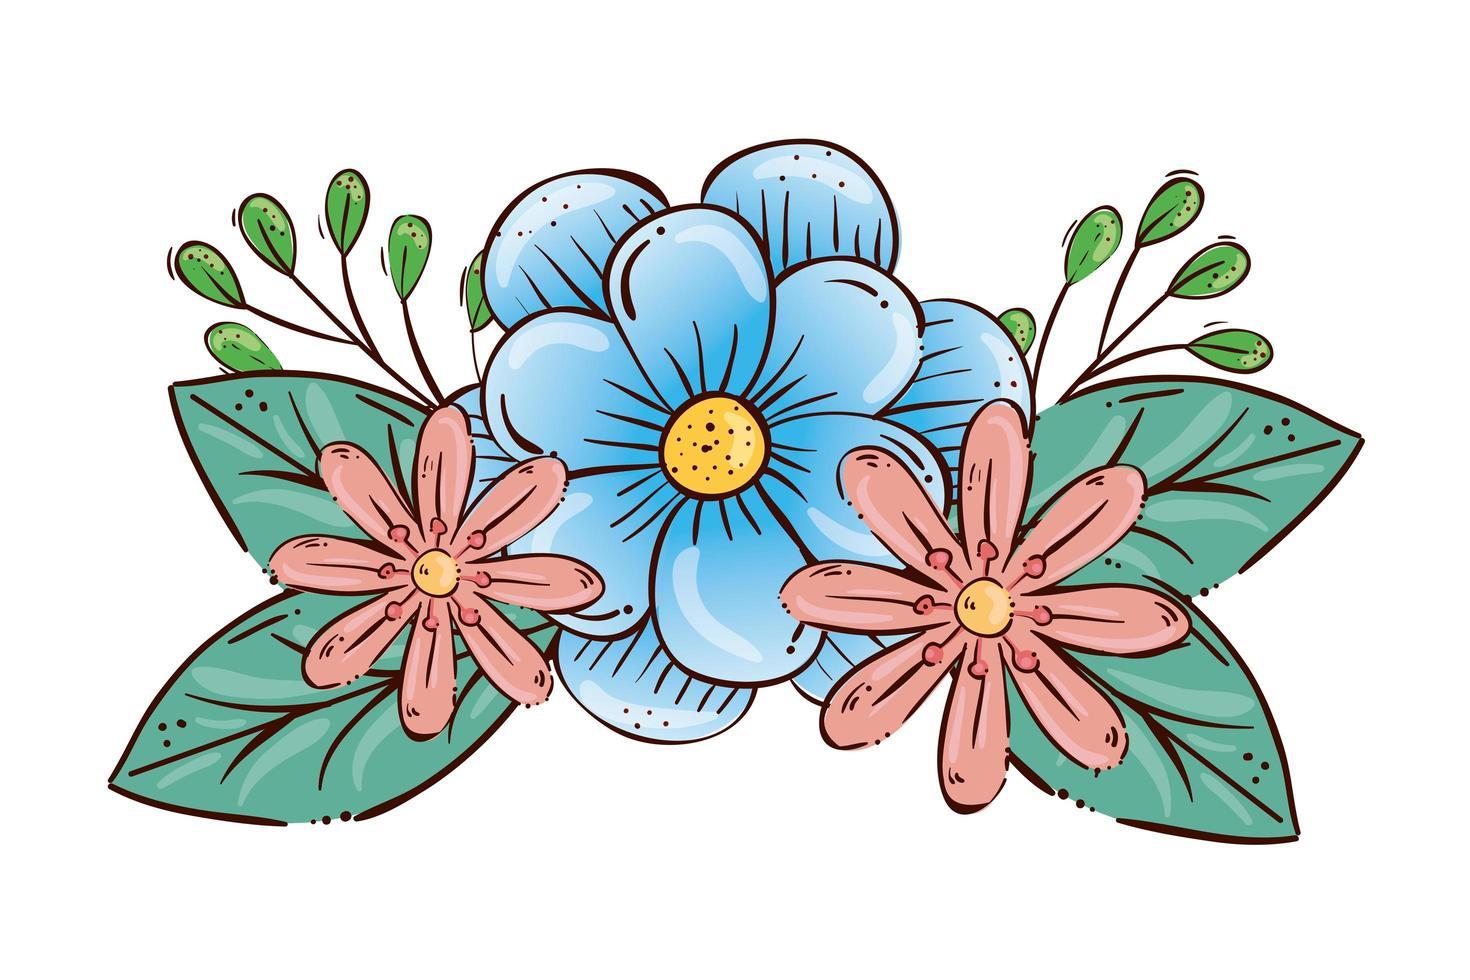 lindas flores con decoración de ramas y hojas vector